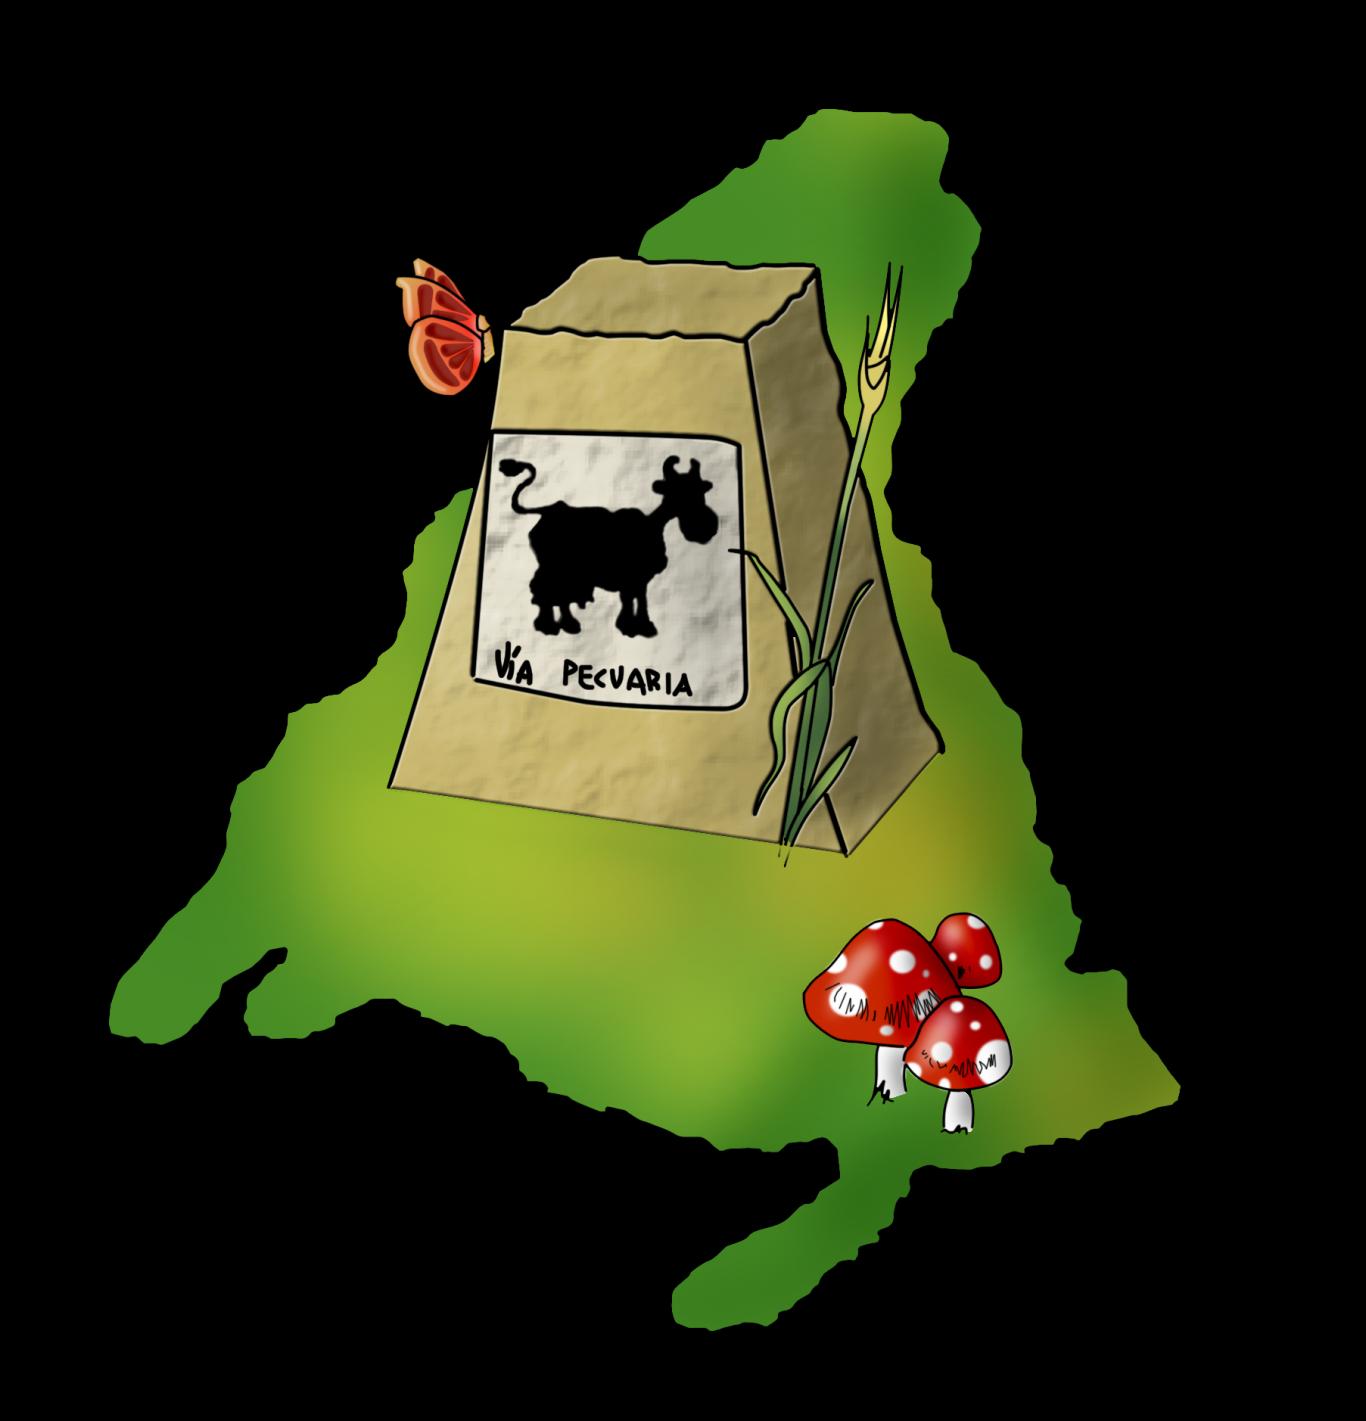 mojón en mapa dibujado-inventario